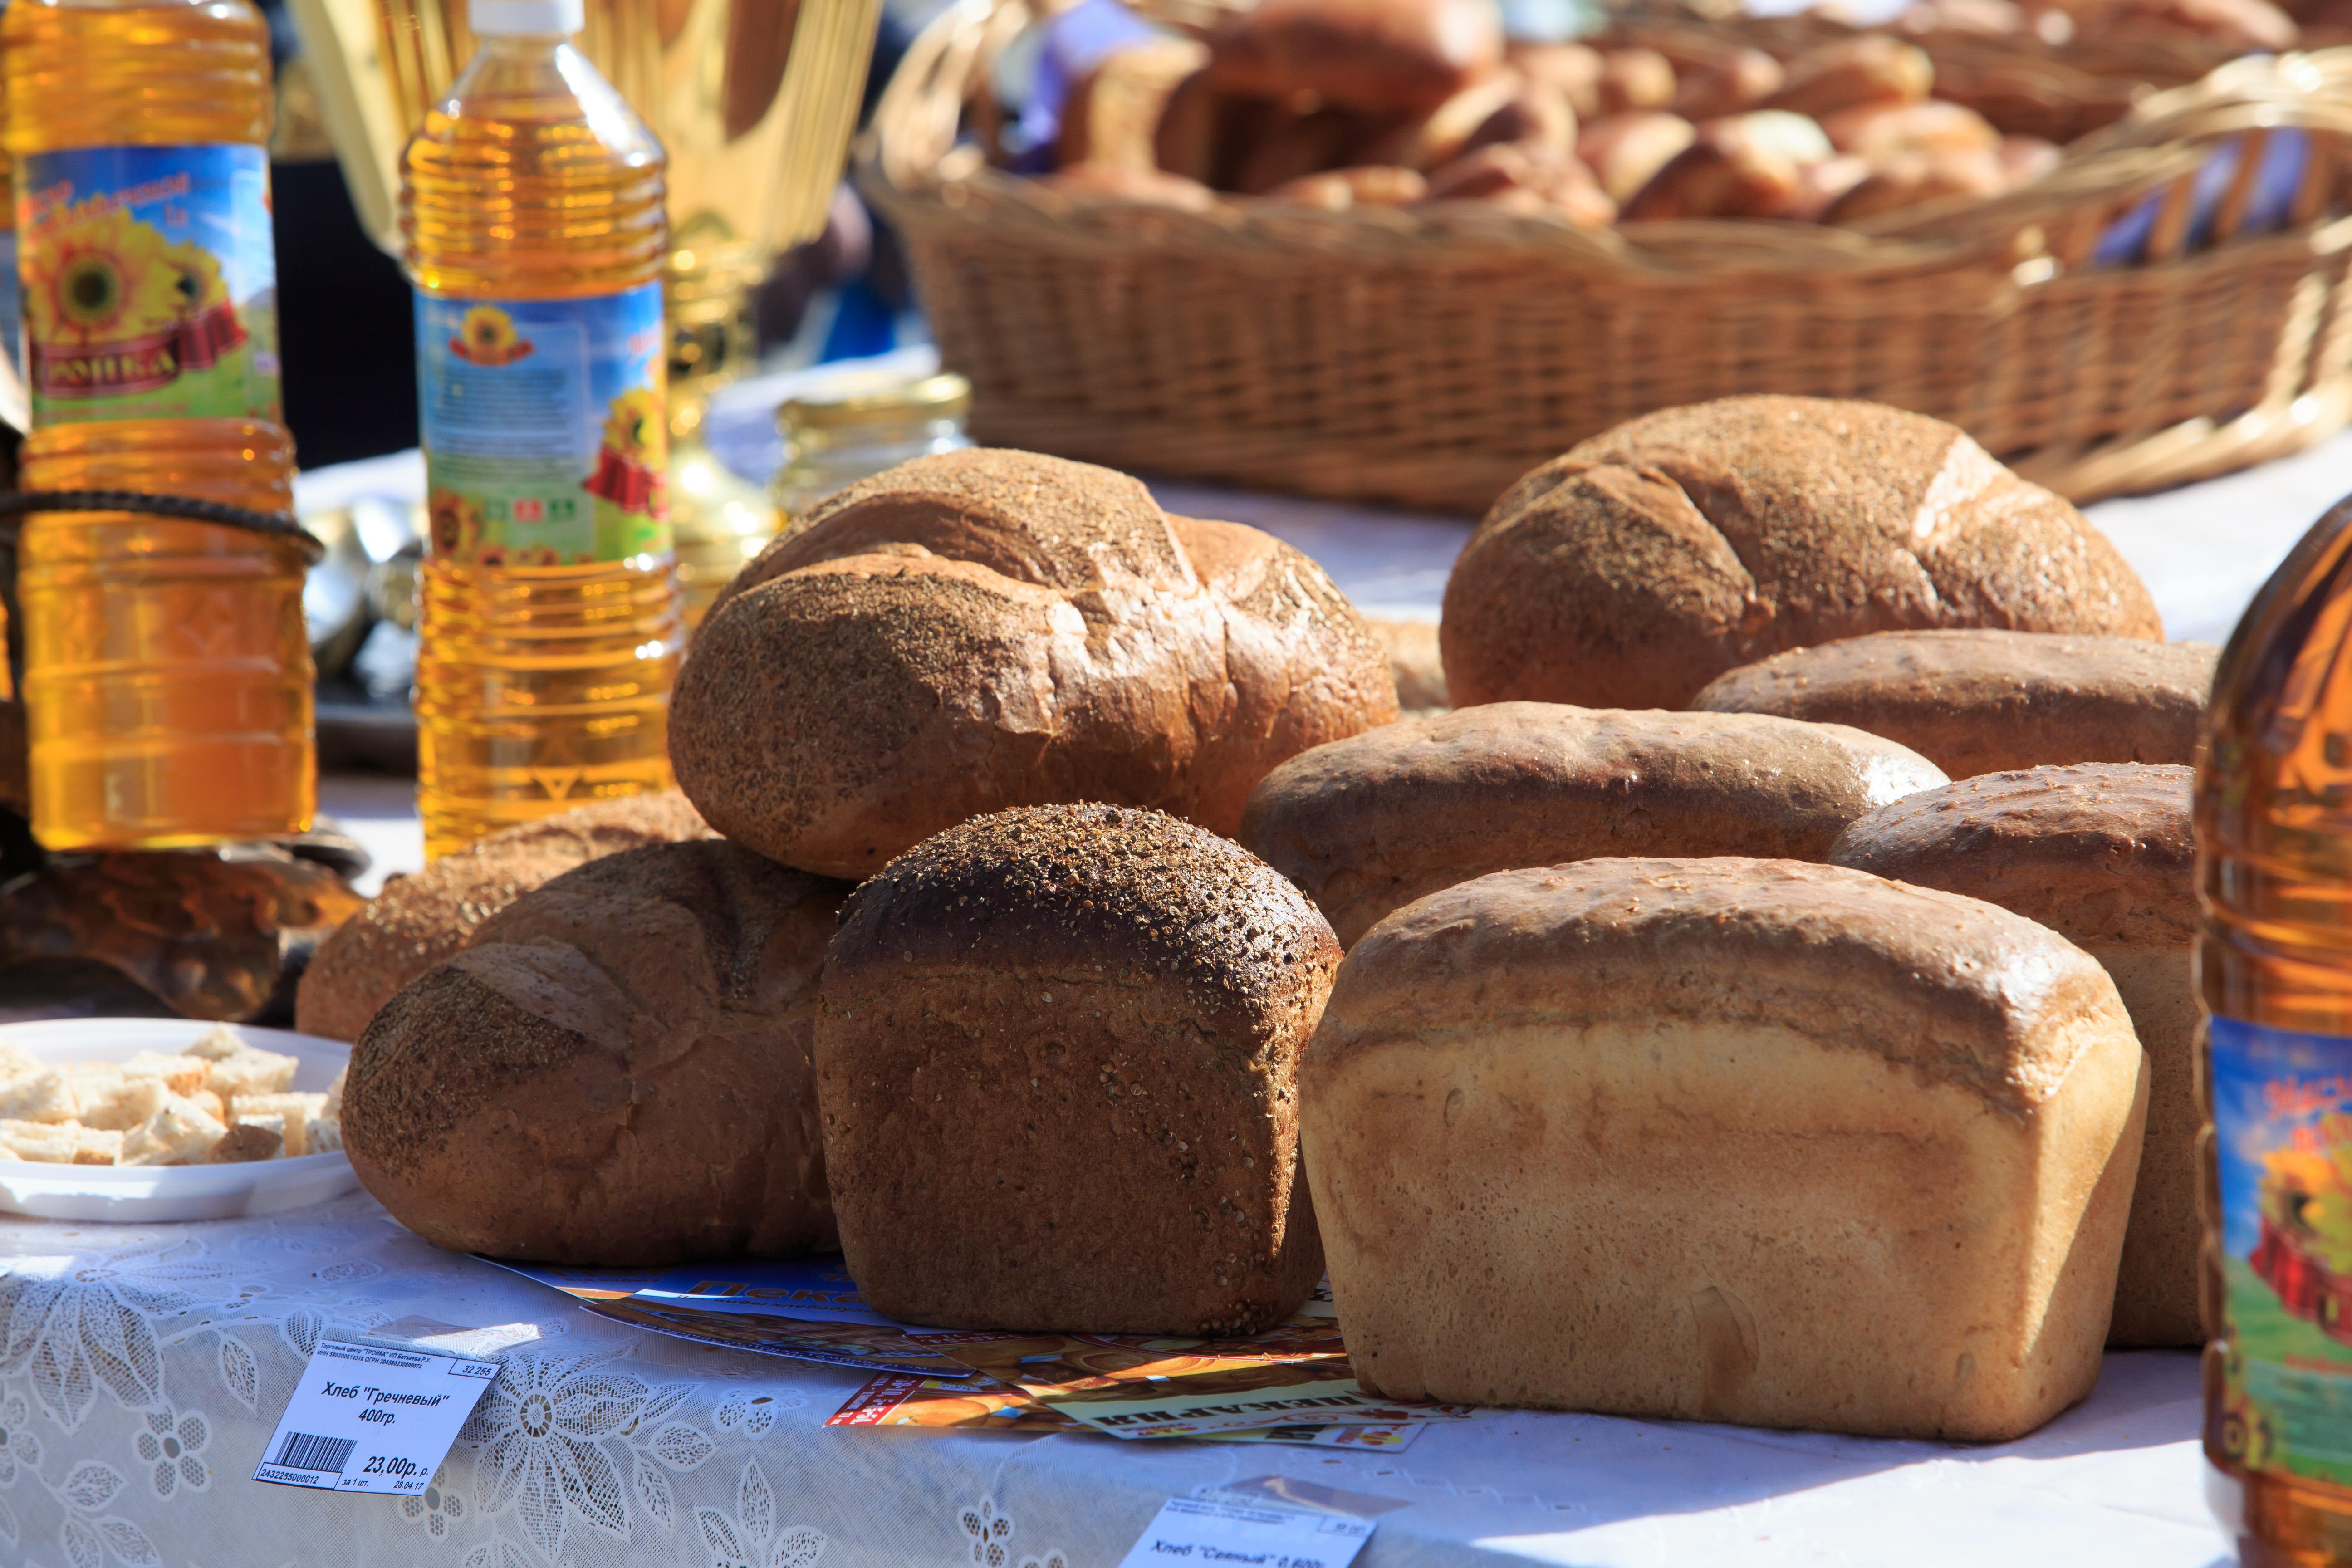 В Пензенской области самые дешевые в ПФО баранина, масло сливочное, сахар-песок, хлеб и булочные изделия